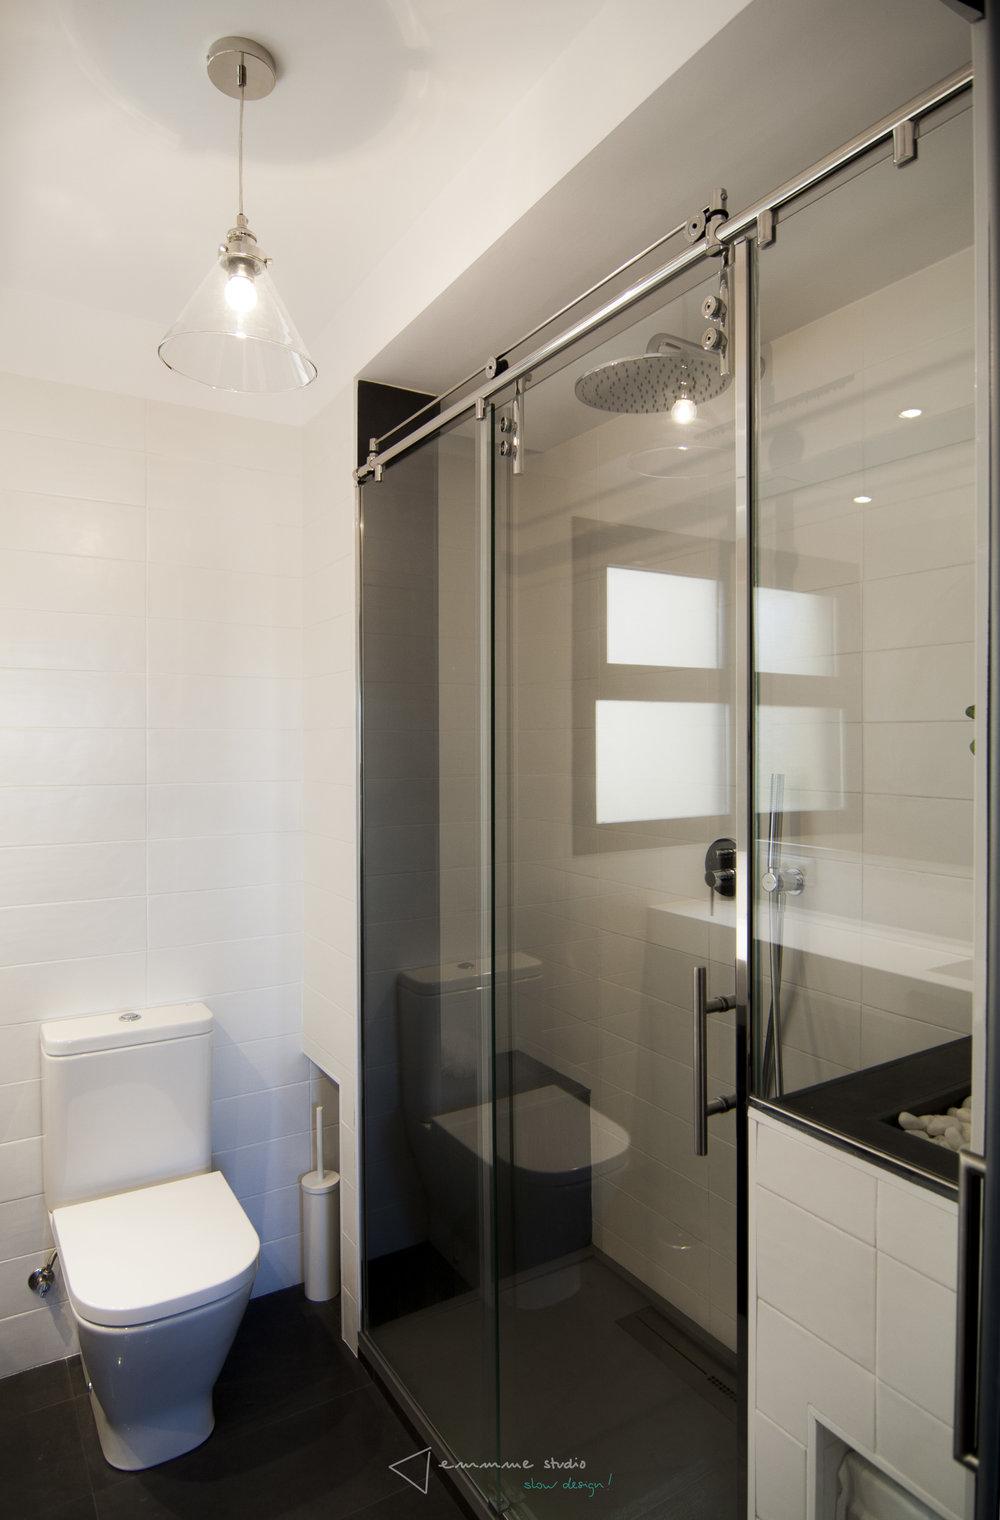 diseño reformas slow emmme studio - baño de Maria y Rober - DP - CM.jpg